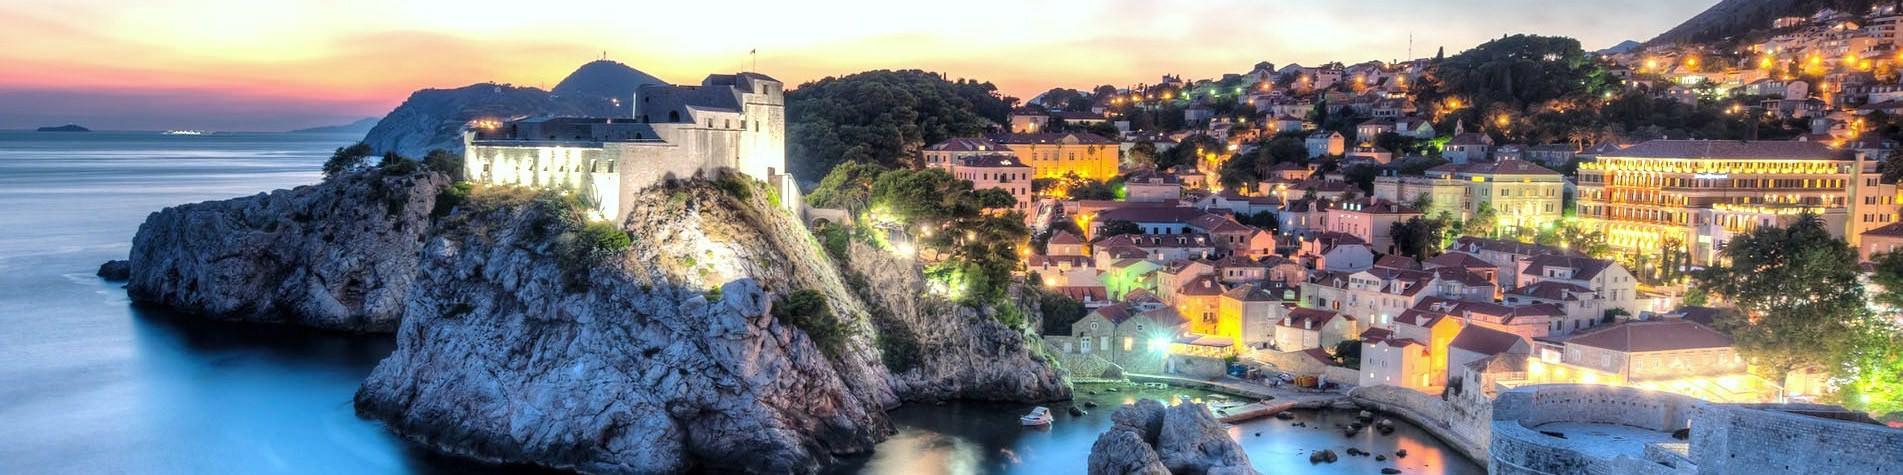 Stunning Dubrovnik Holidays